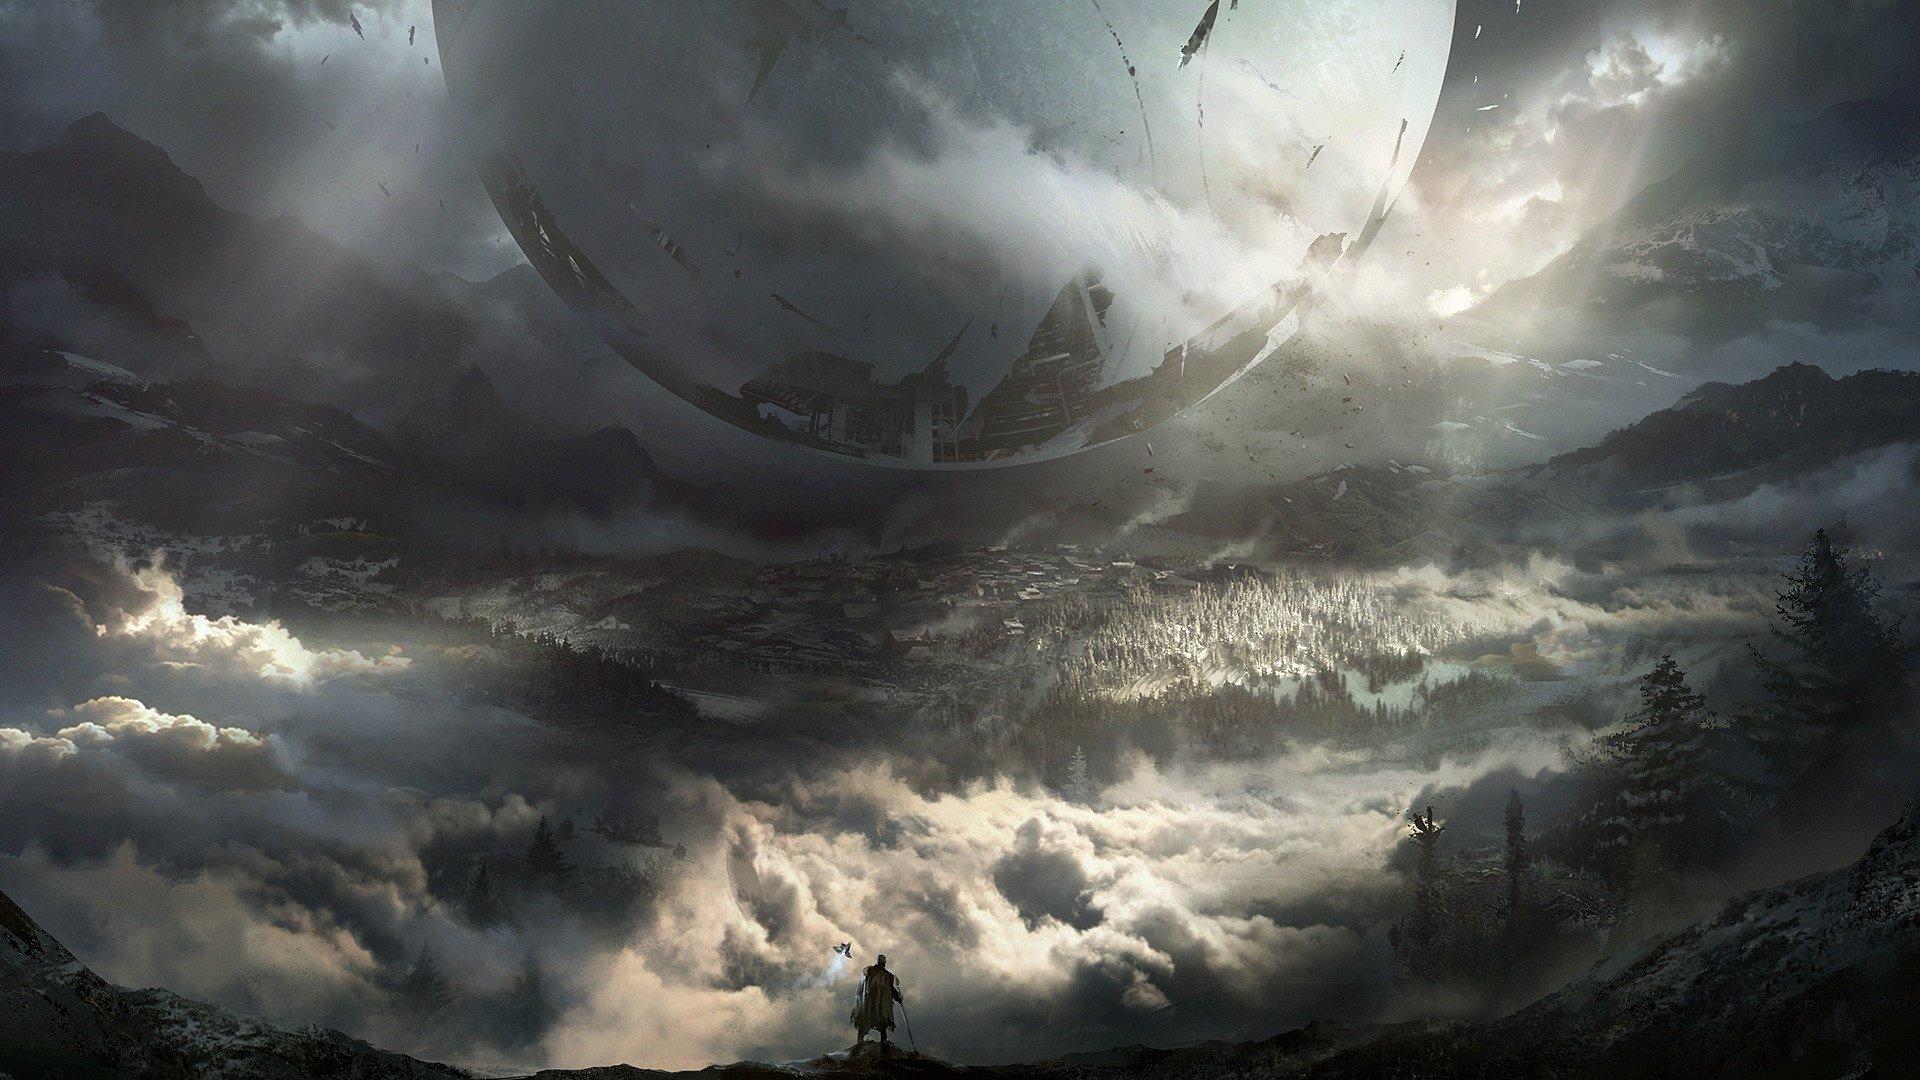 Fondos De Pantalla De Destiny 2 Wallpapers Hd